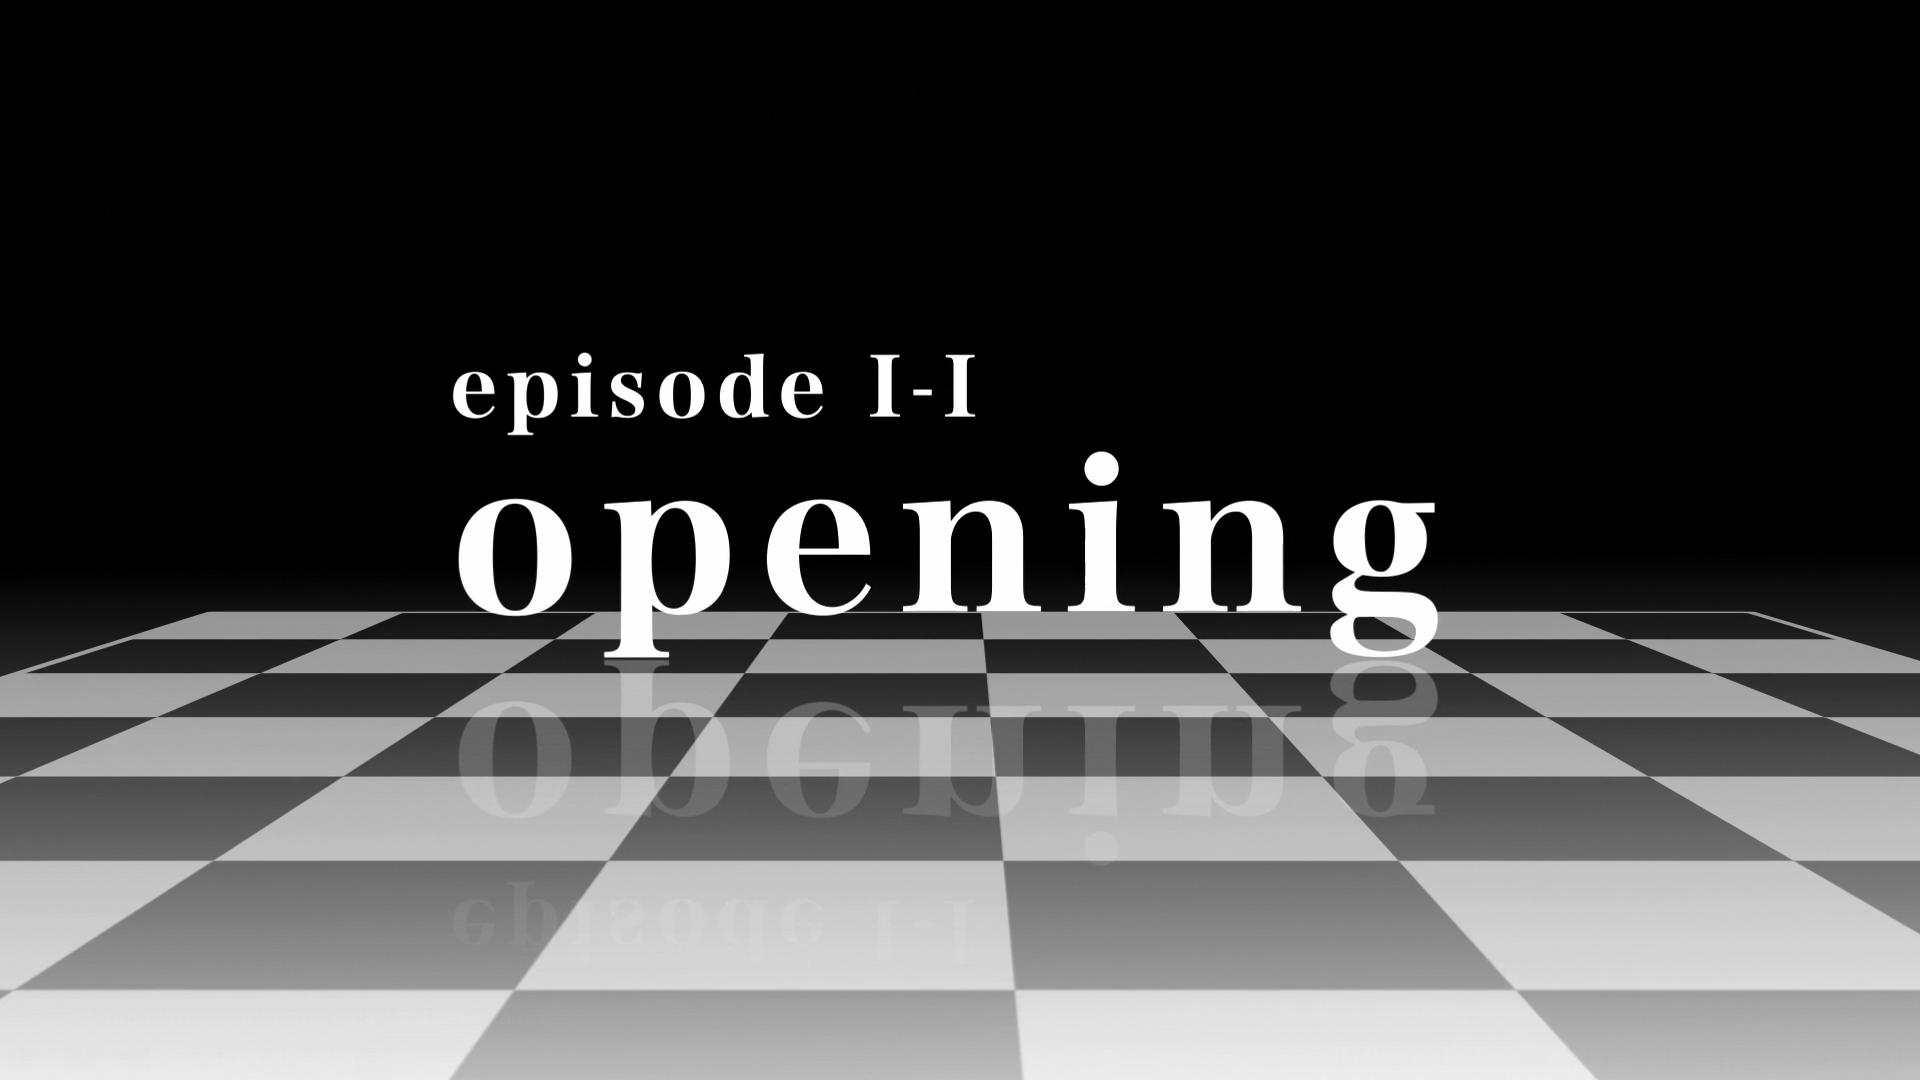 Opening (Umineko episode)